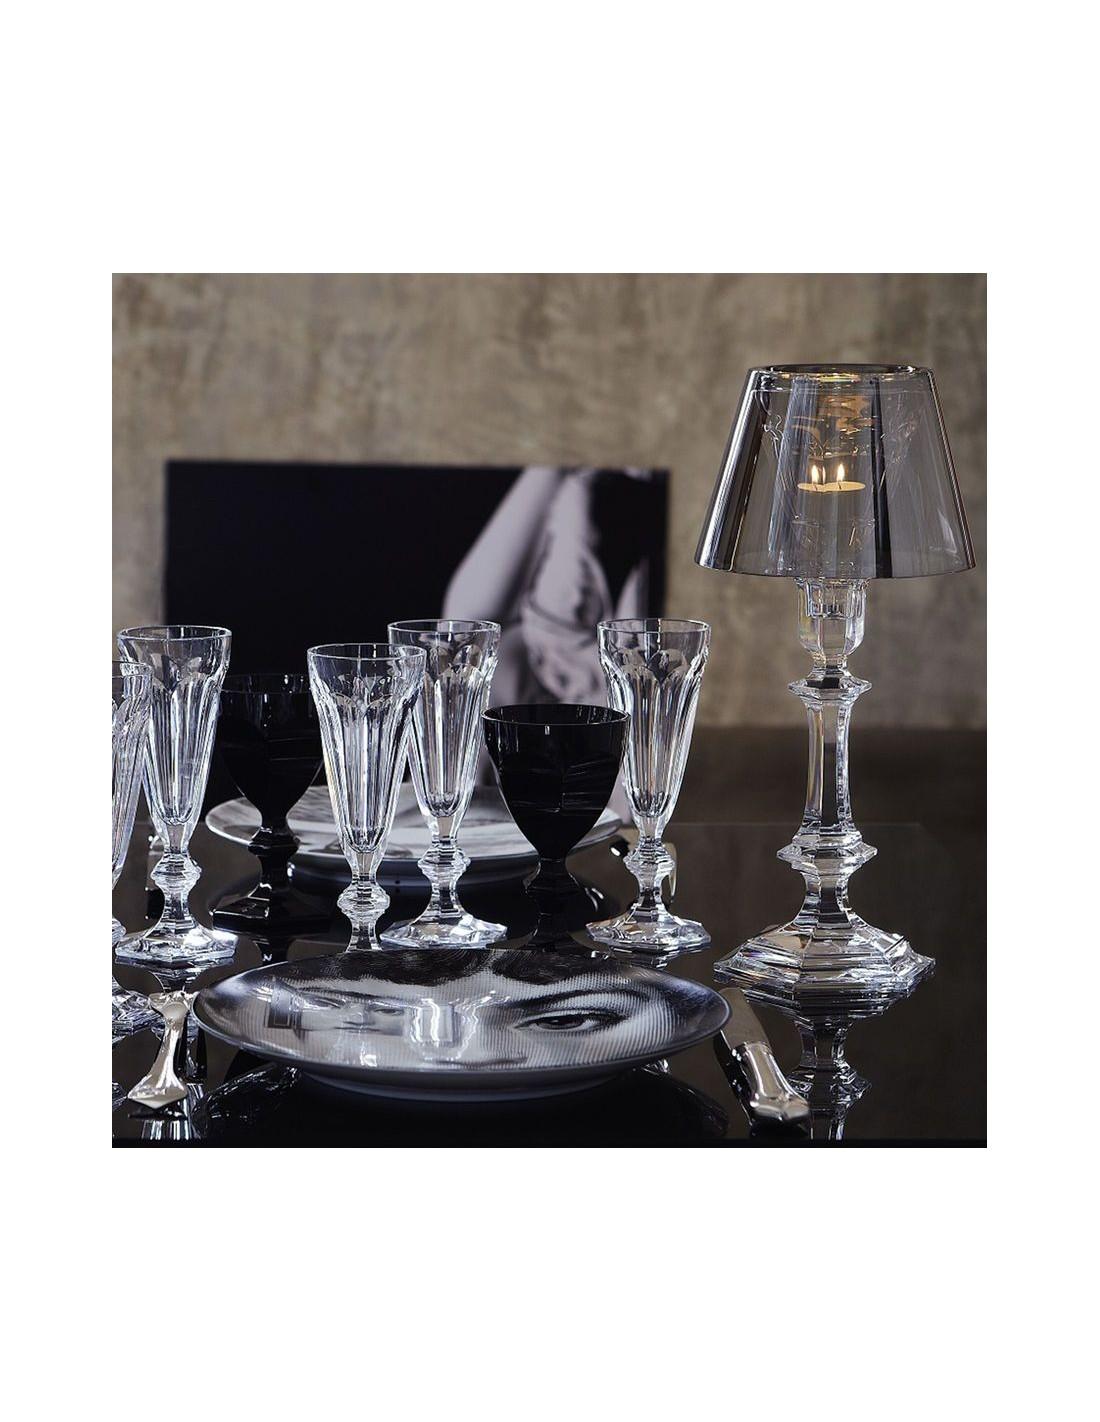 Lampe à poser Harcourt Our Fire Bougeoir argent sur une table de Philippe Starck pour la marque Baccarat - Valente Design